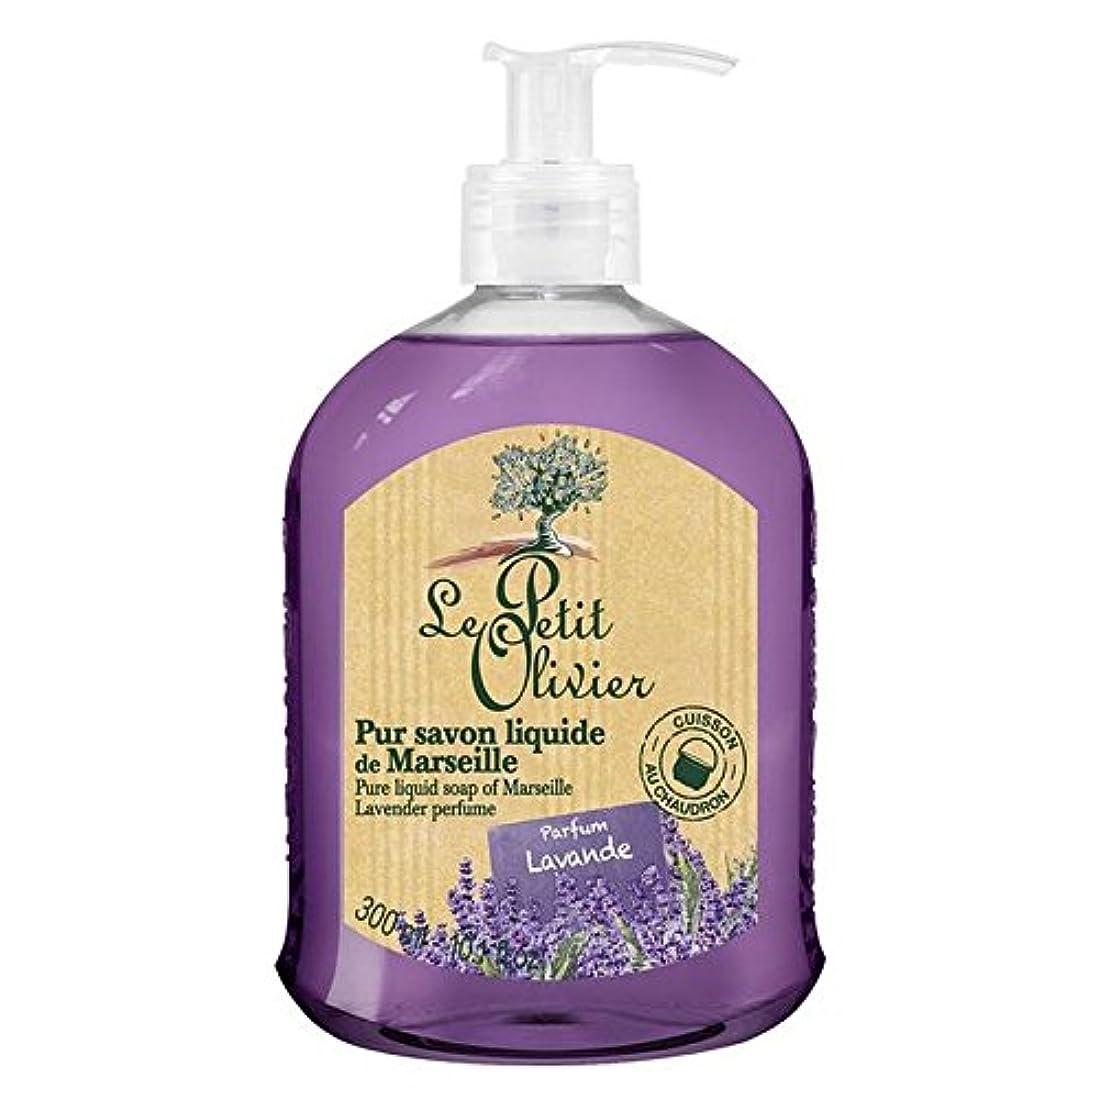 デンマークりんごカイウスマルセイユのル?プティ?オリヴィエ純粋な液体石鹸、ラベンダー300ミリリットル x4 - Le Petit Olivier Pure Liquid Soap of Marseille, Lavender 300ml (Pack...